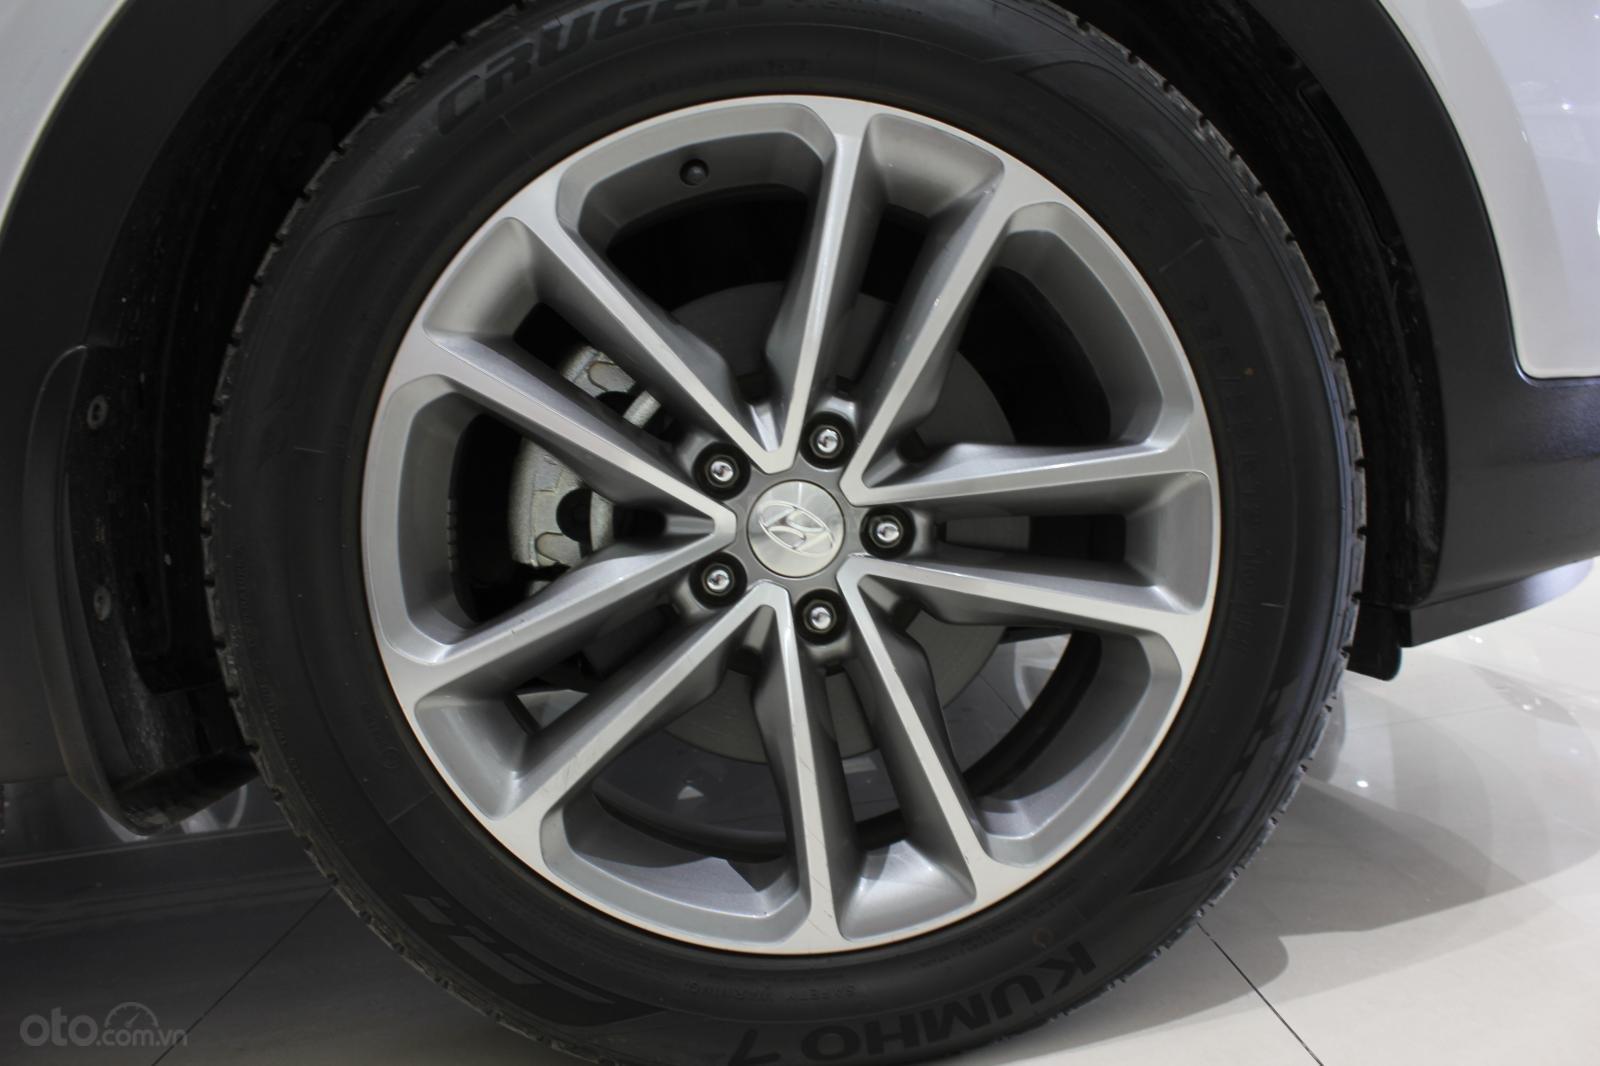 Bán xe Hyundai Santa Fe 2.2 4WD năm sản xuất 2017, màu bạc (4)